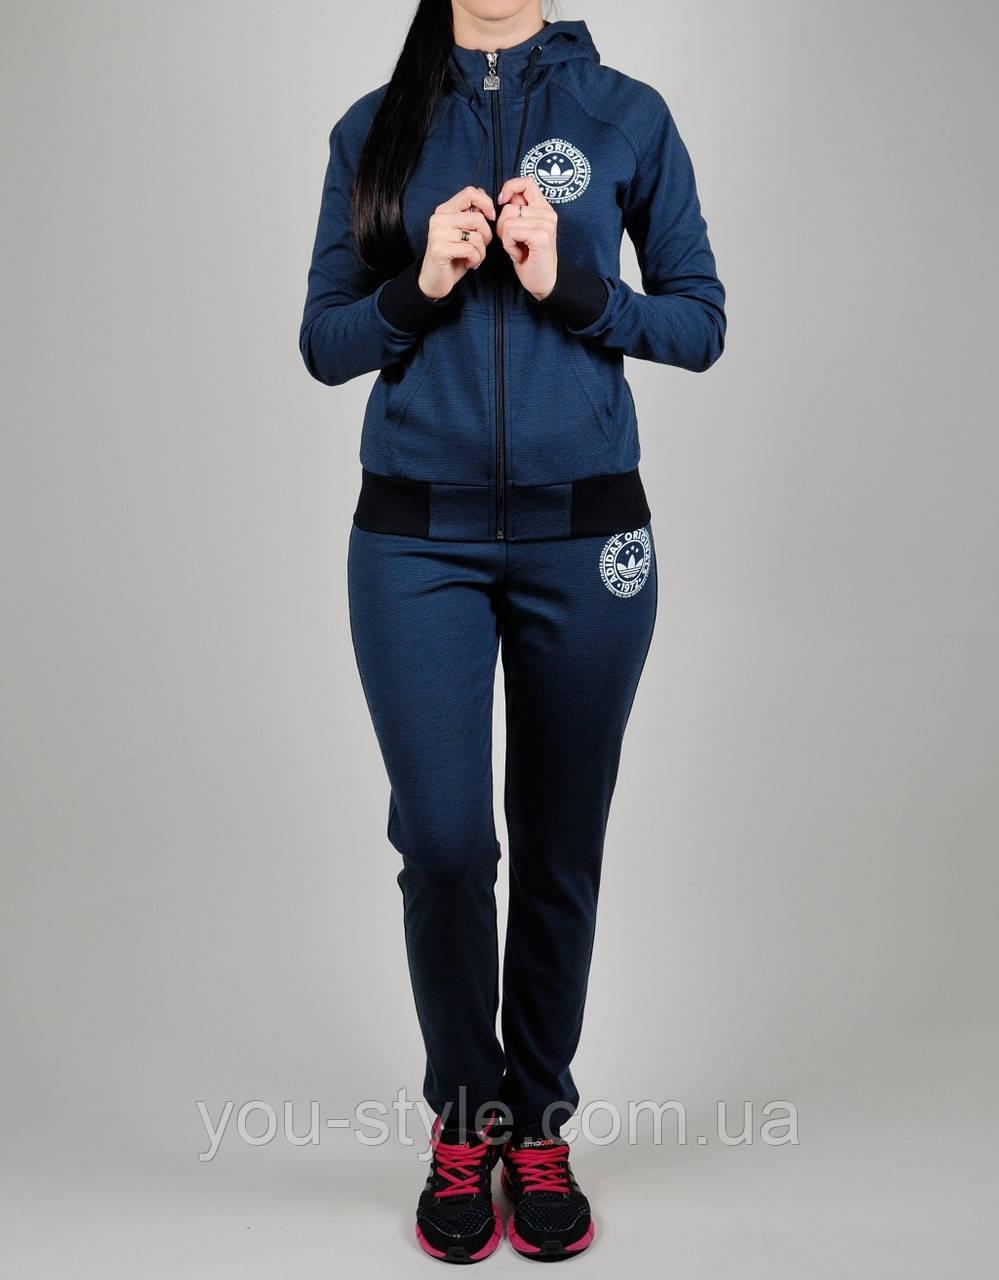 9d4e7042 Женский спортивный костюм Adidas Originals 1109 Тёмно-синий - Интернет  магазин